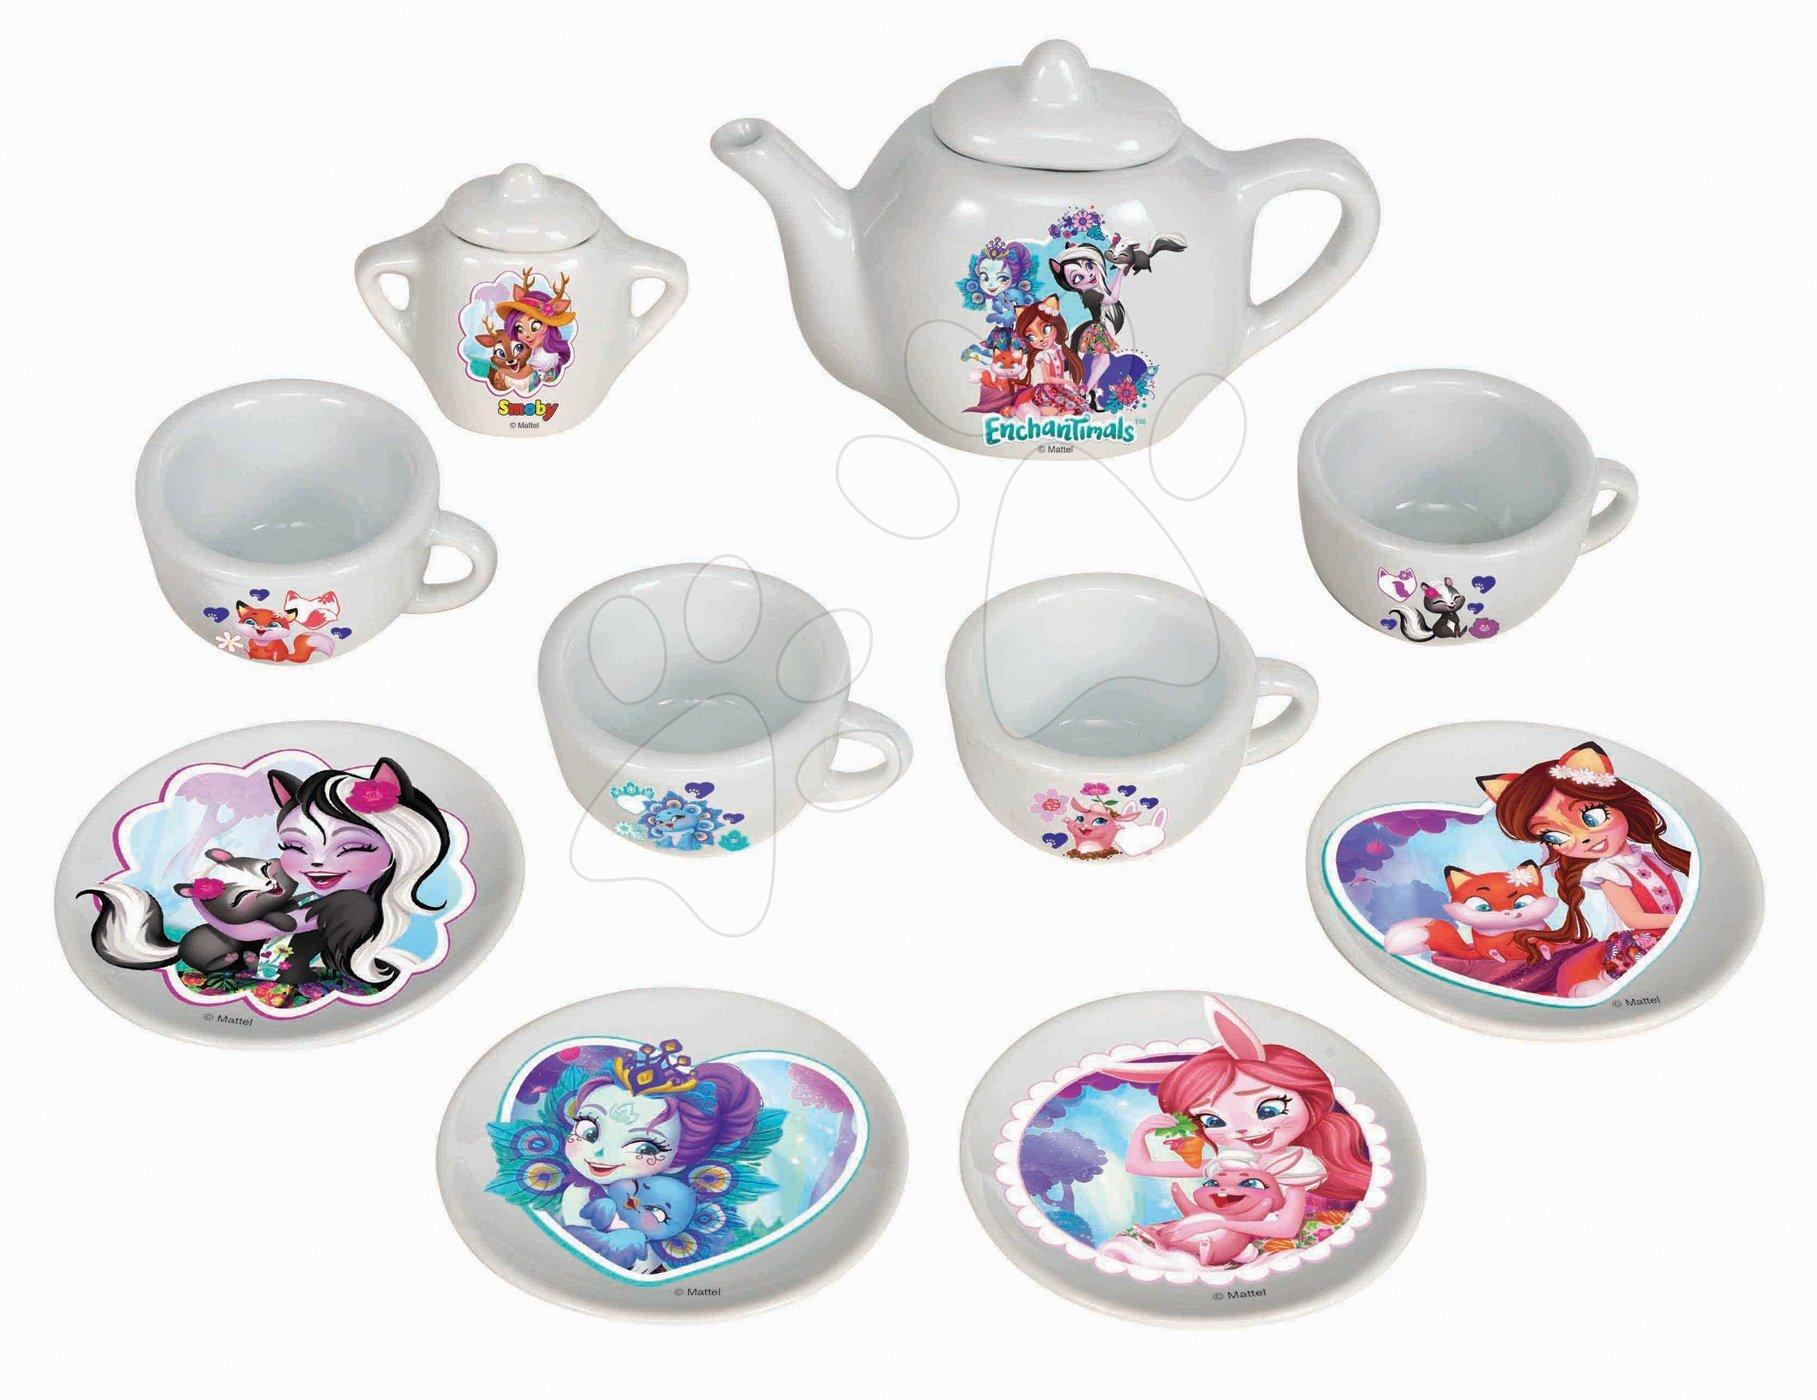 Porcelánová čajová souprava Enchantimals Smoby 12 dílů